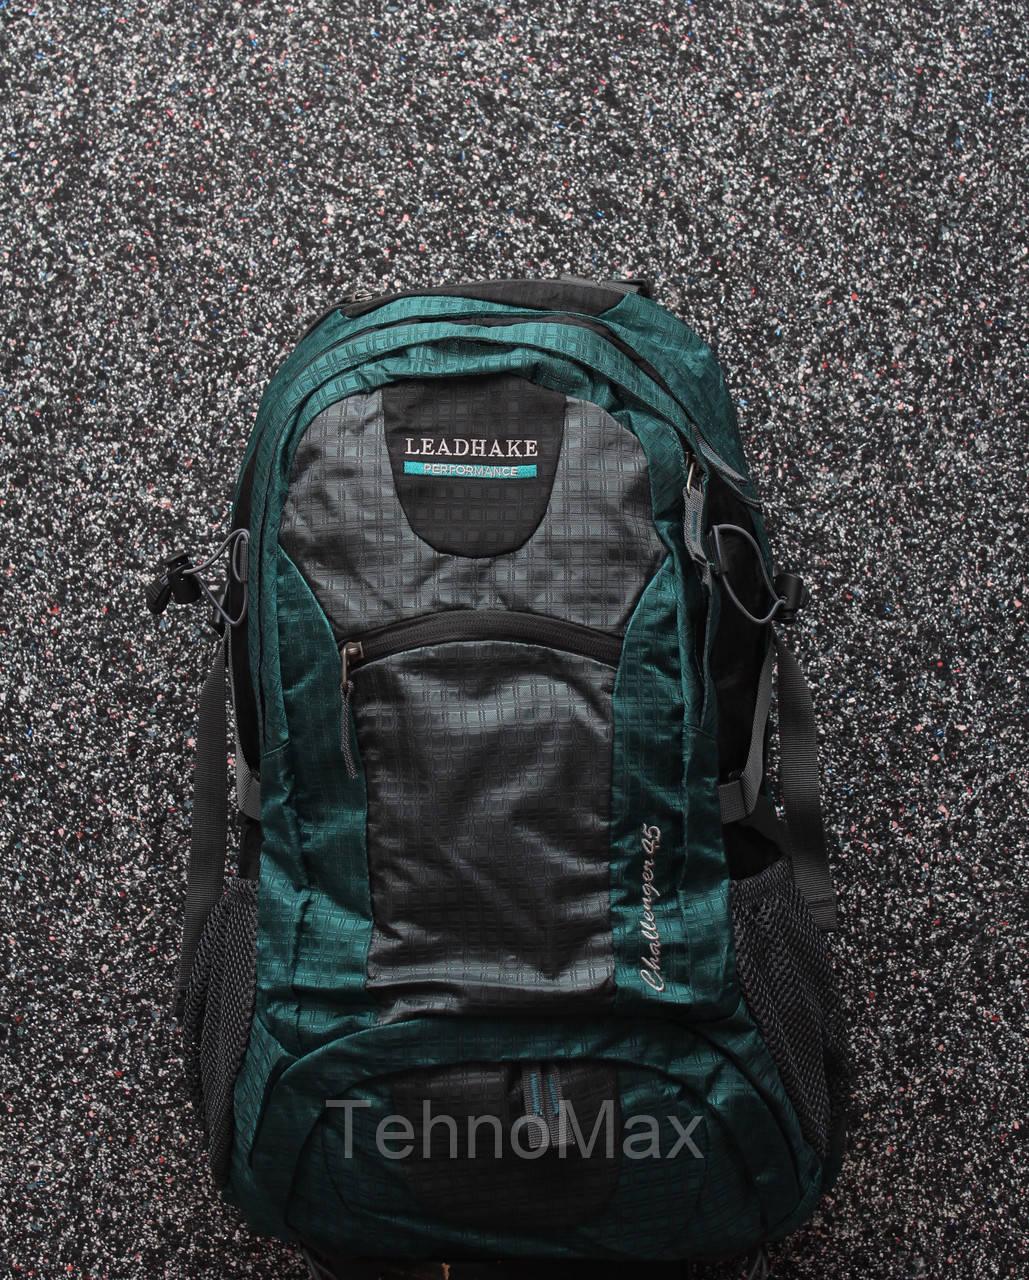 Туристичний дорожній рюкзак Lead Hake з металевим каркасом + дощовик / Туристический дорожный с металлическим